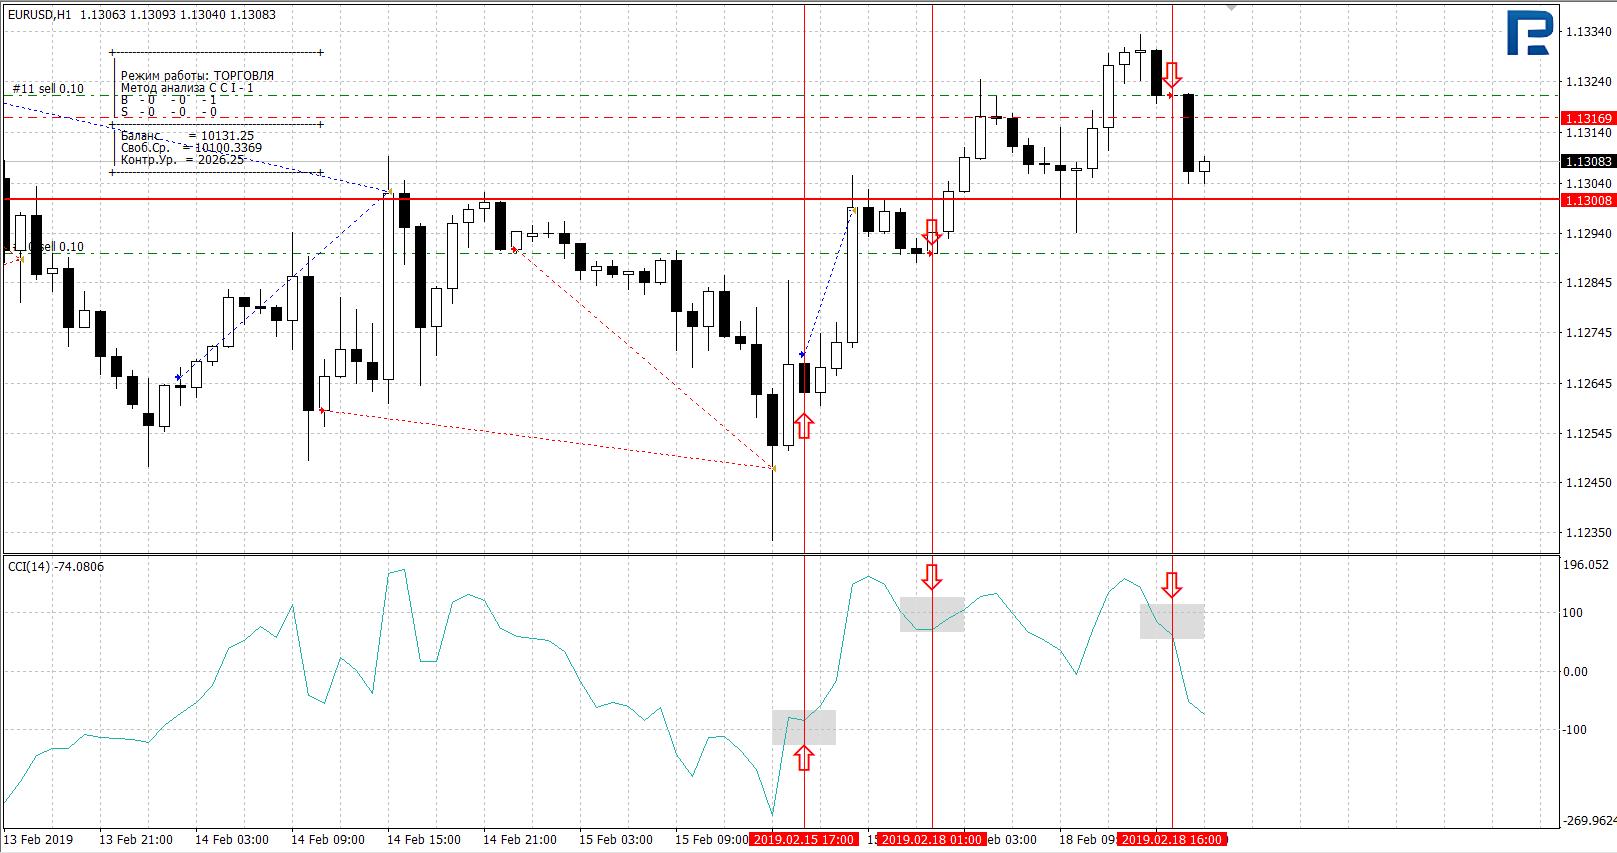 pārdošanas opcija gara iesācēju stratēģijas bināro opciju tirdzniecībai